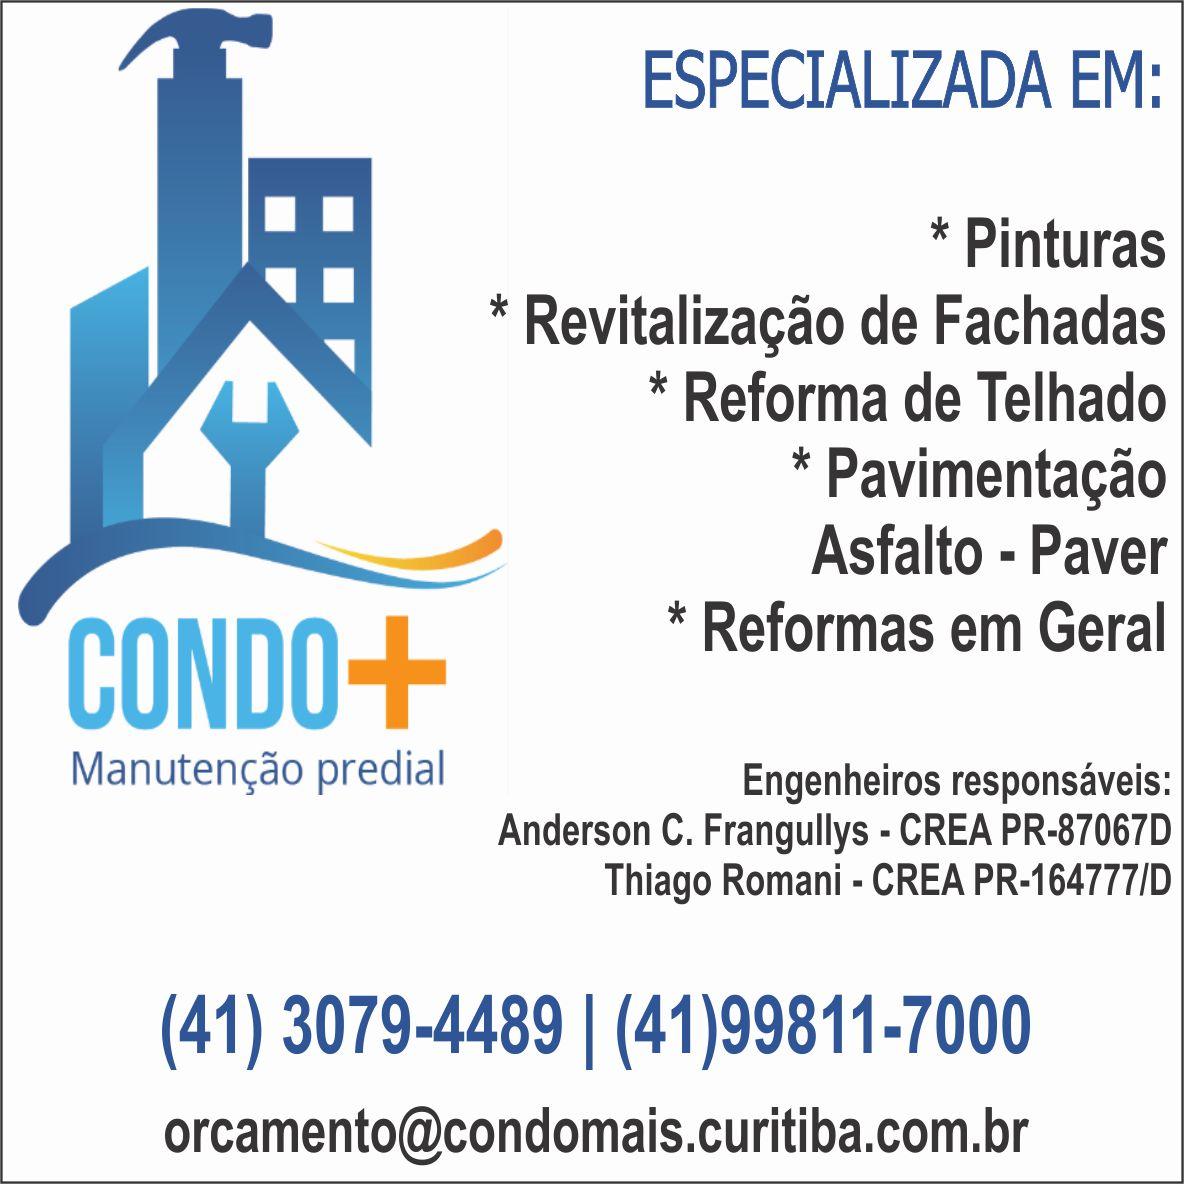 condo+